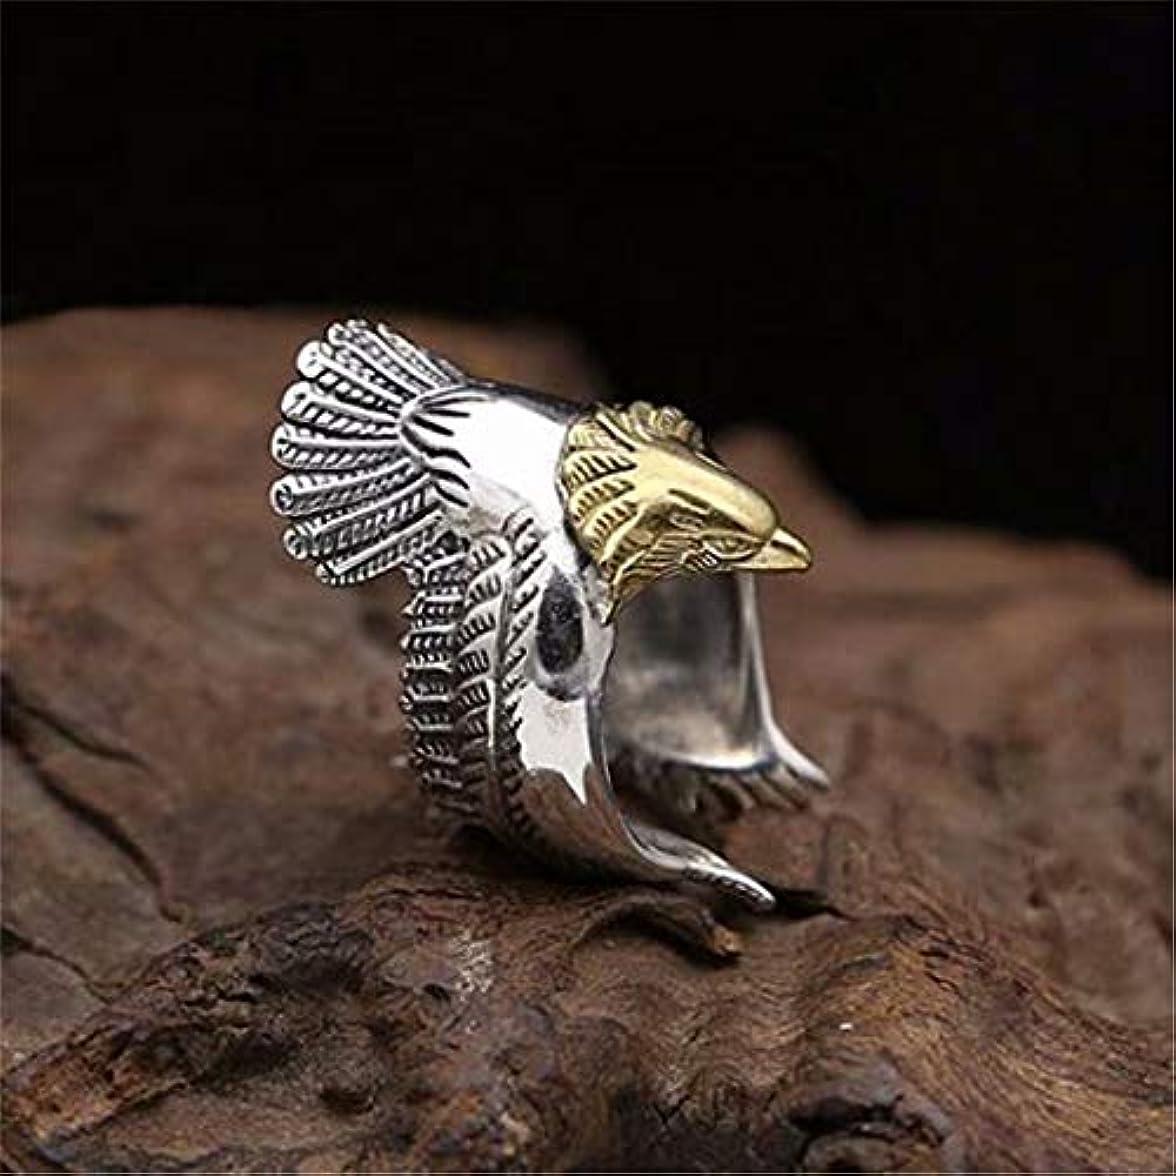 報復する勧告内部七里の香 メンズ レディース 男女 兼用 人気 鷲 羽根 フリー サイズ 指輪 1個